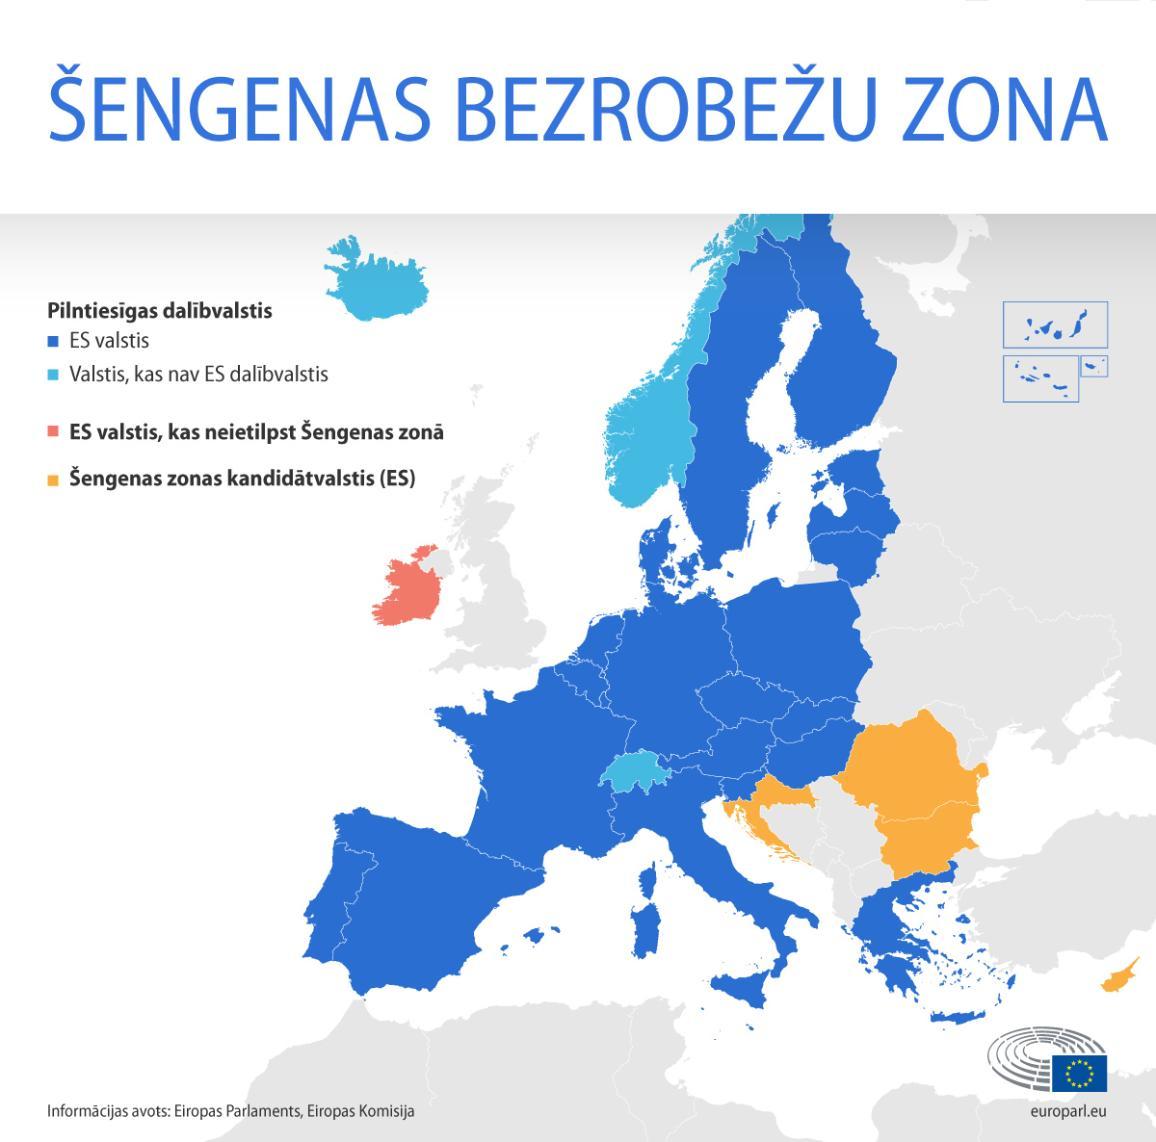 Šengenas zonas kartē redzam pašreizējās ES dalībvalstis un valstis, kas nav ES dalībvalstis, kandidātvalstis un ES valstis ārpus Šengenas zonas.